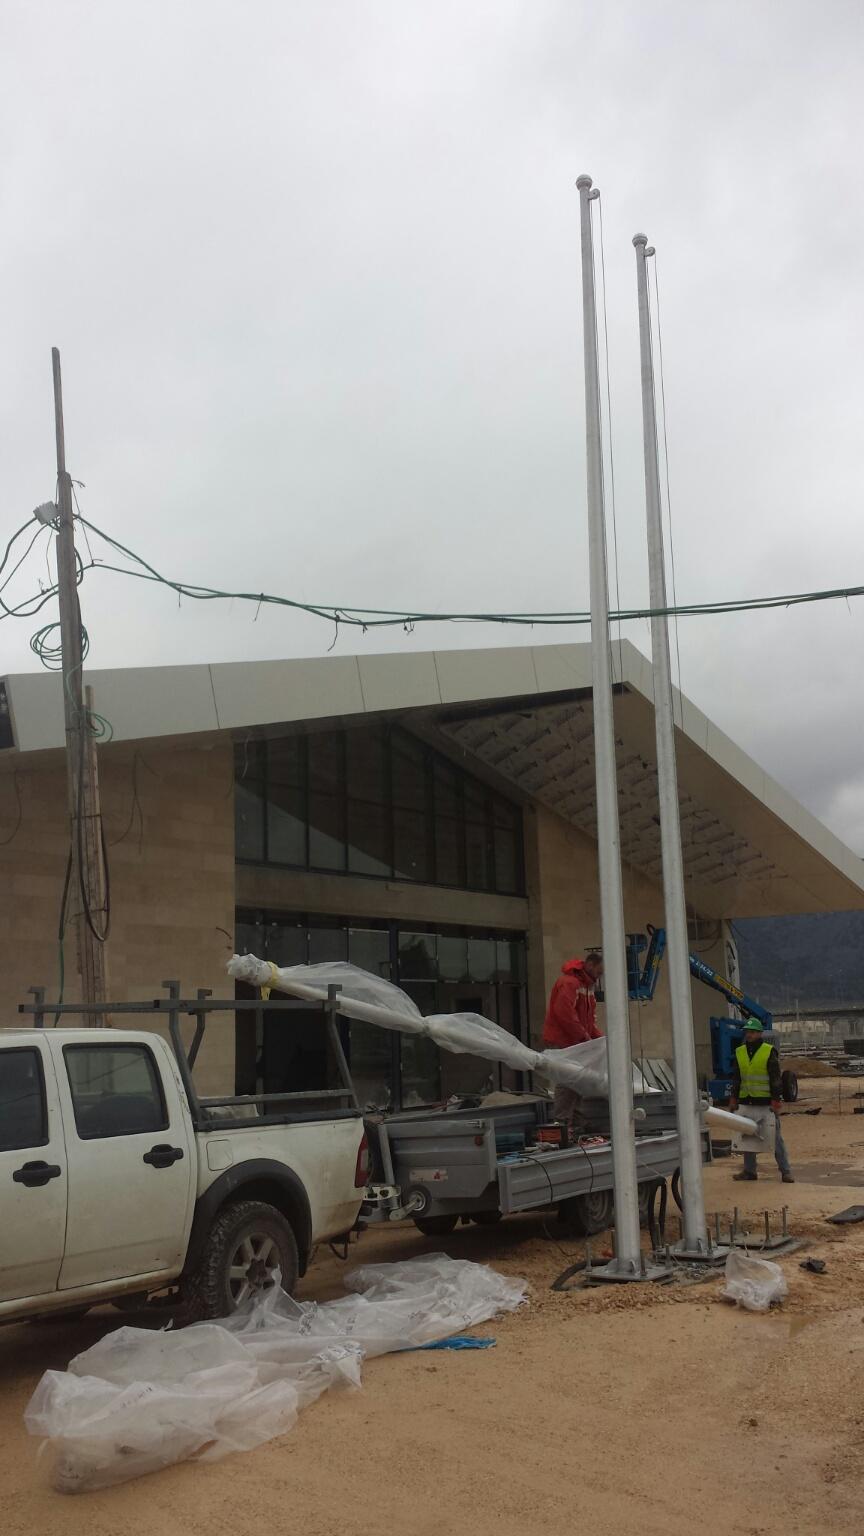 תורן אלומיניום קוני בגובה 8 מטר התקנה בתחנת הרכבת